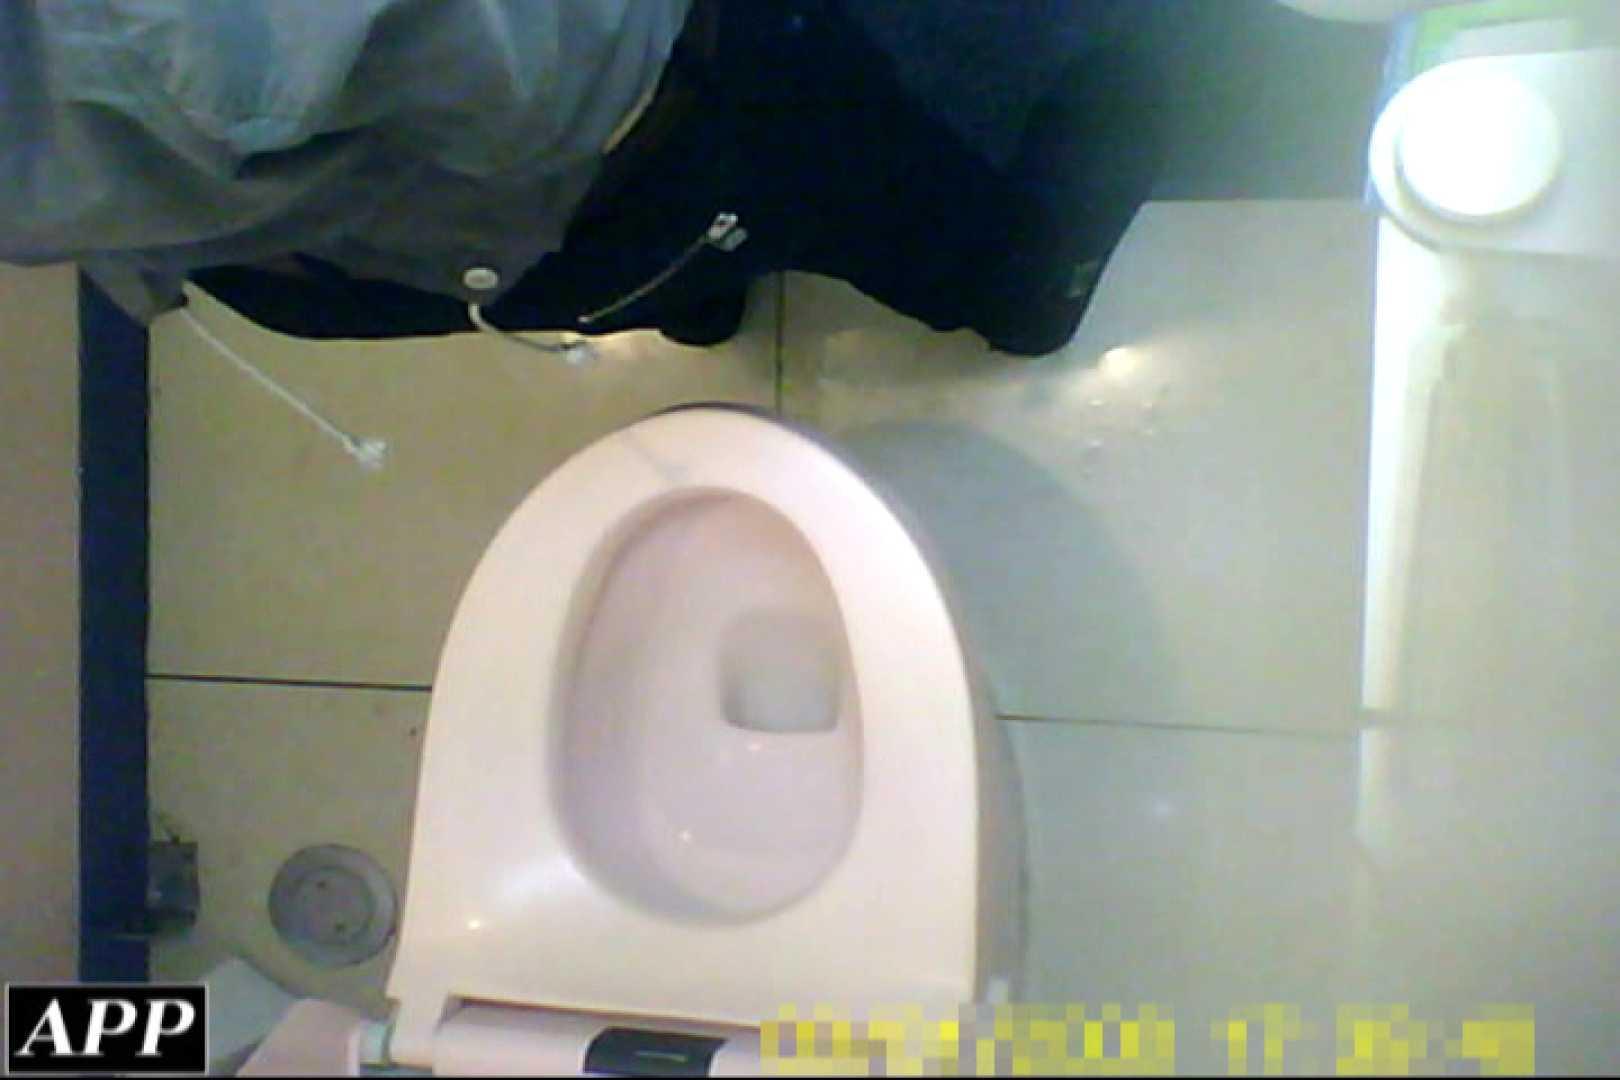 3視点洗面所 vol.18 洗面所のぞき オメコ動画キャプチャ 108枚 9